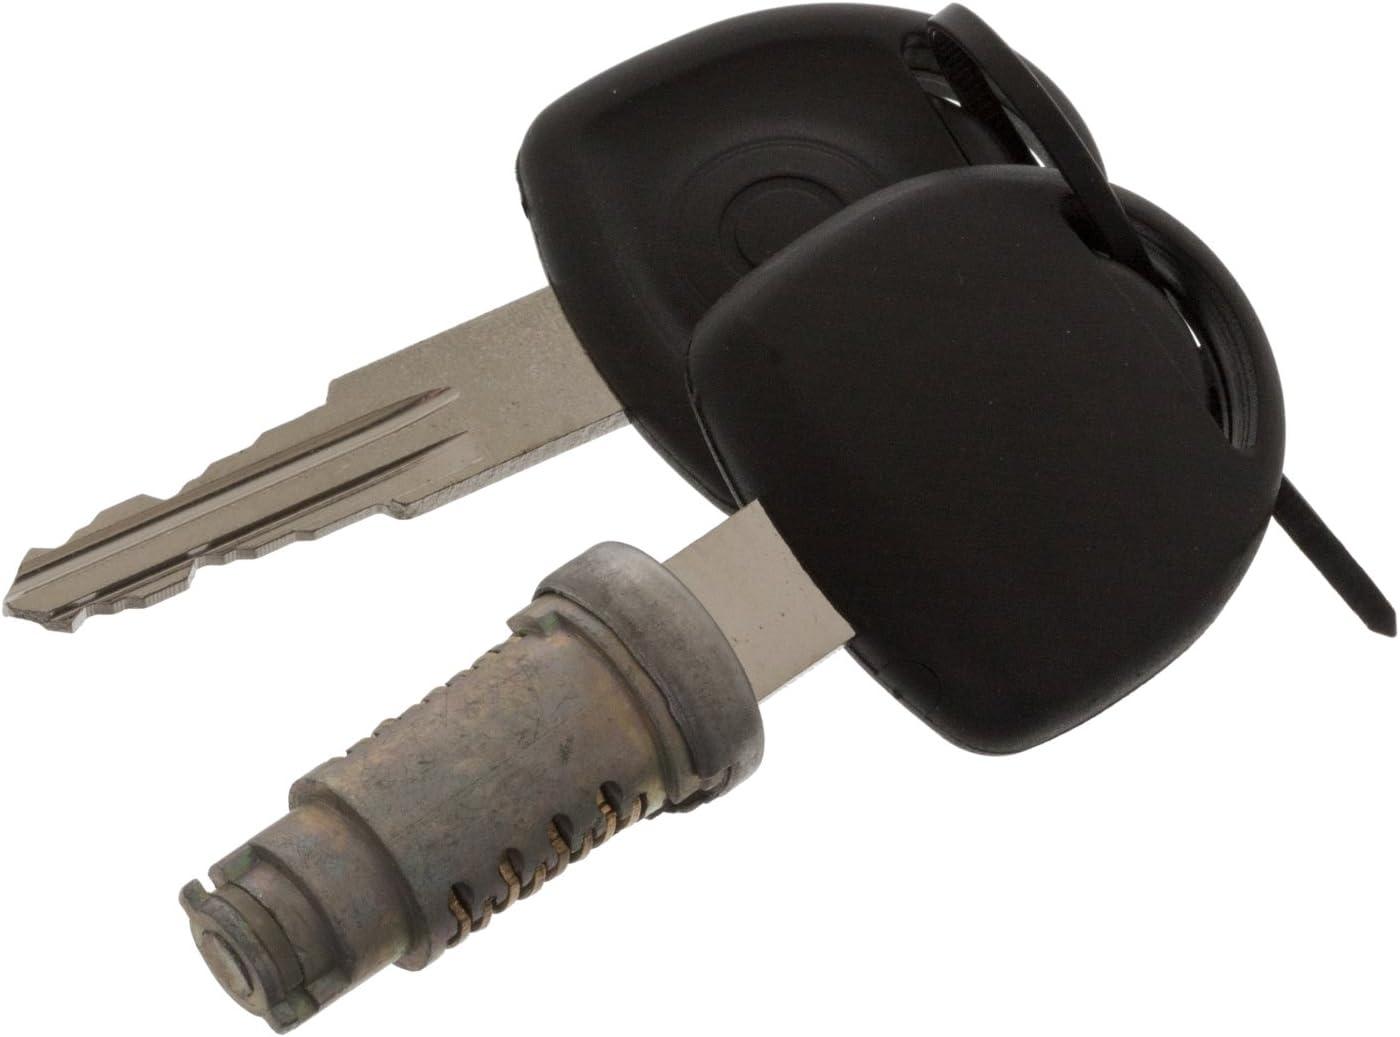 febi bilstein 02041 Barrel Lock Repair Kit for front door and tailgate pack of one